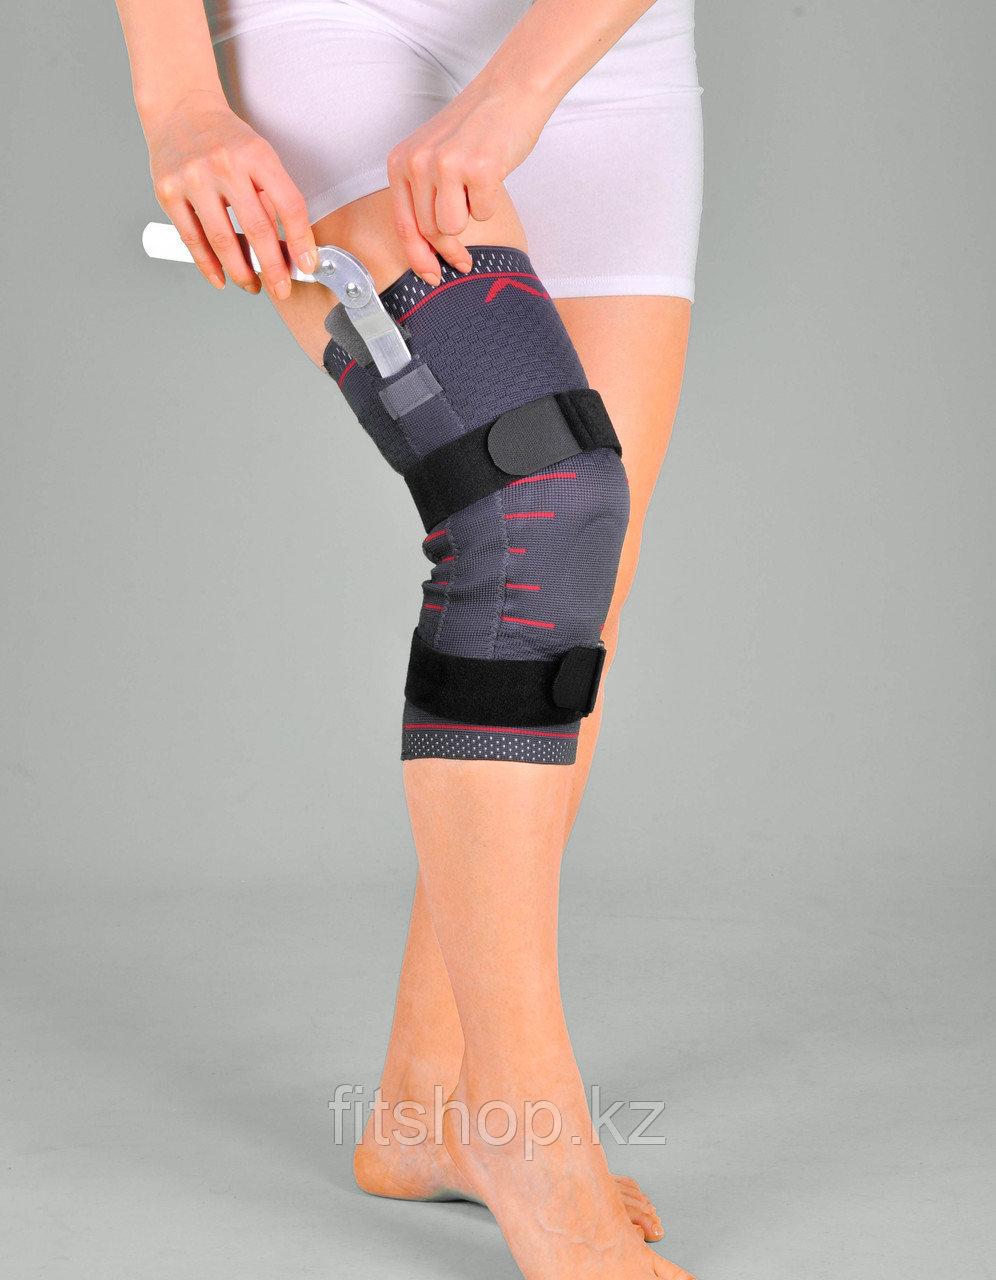 Наколенник эластичный с закрытой коленной чашечкой и с шарнирами Support Line - фото 2